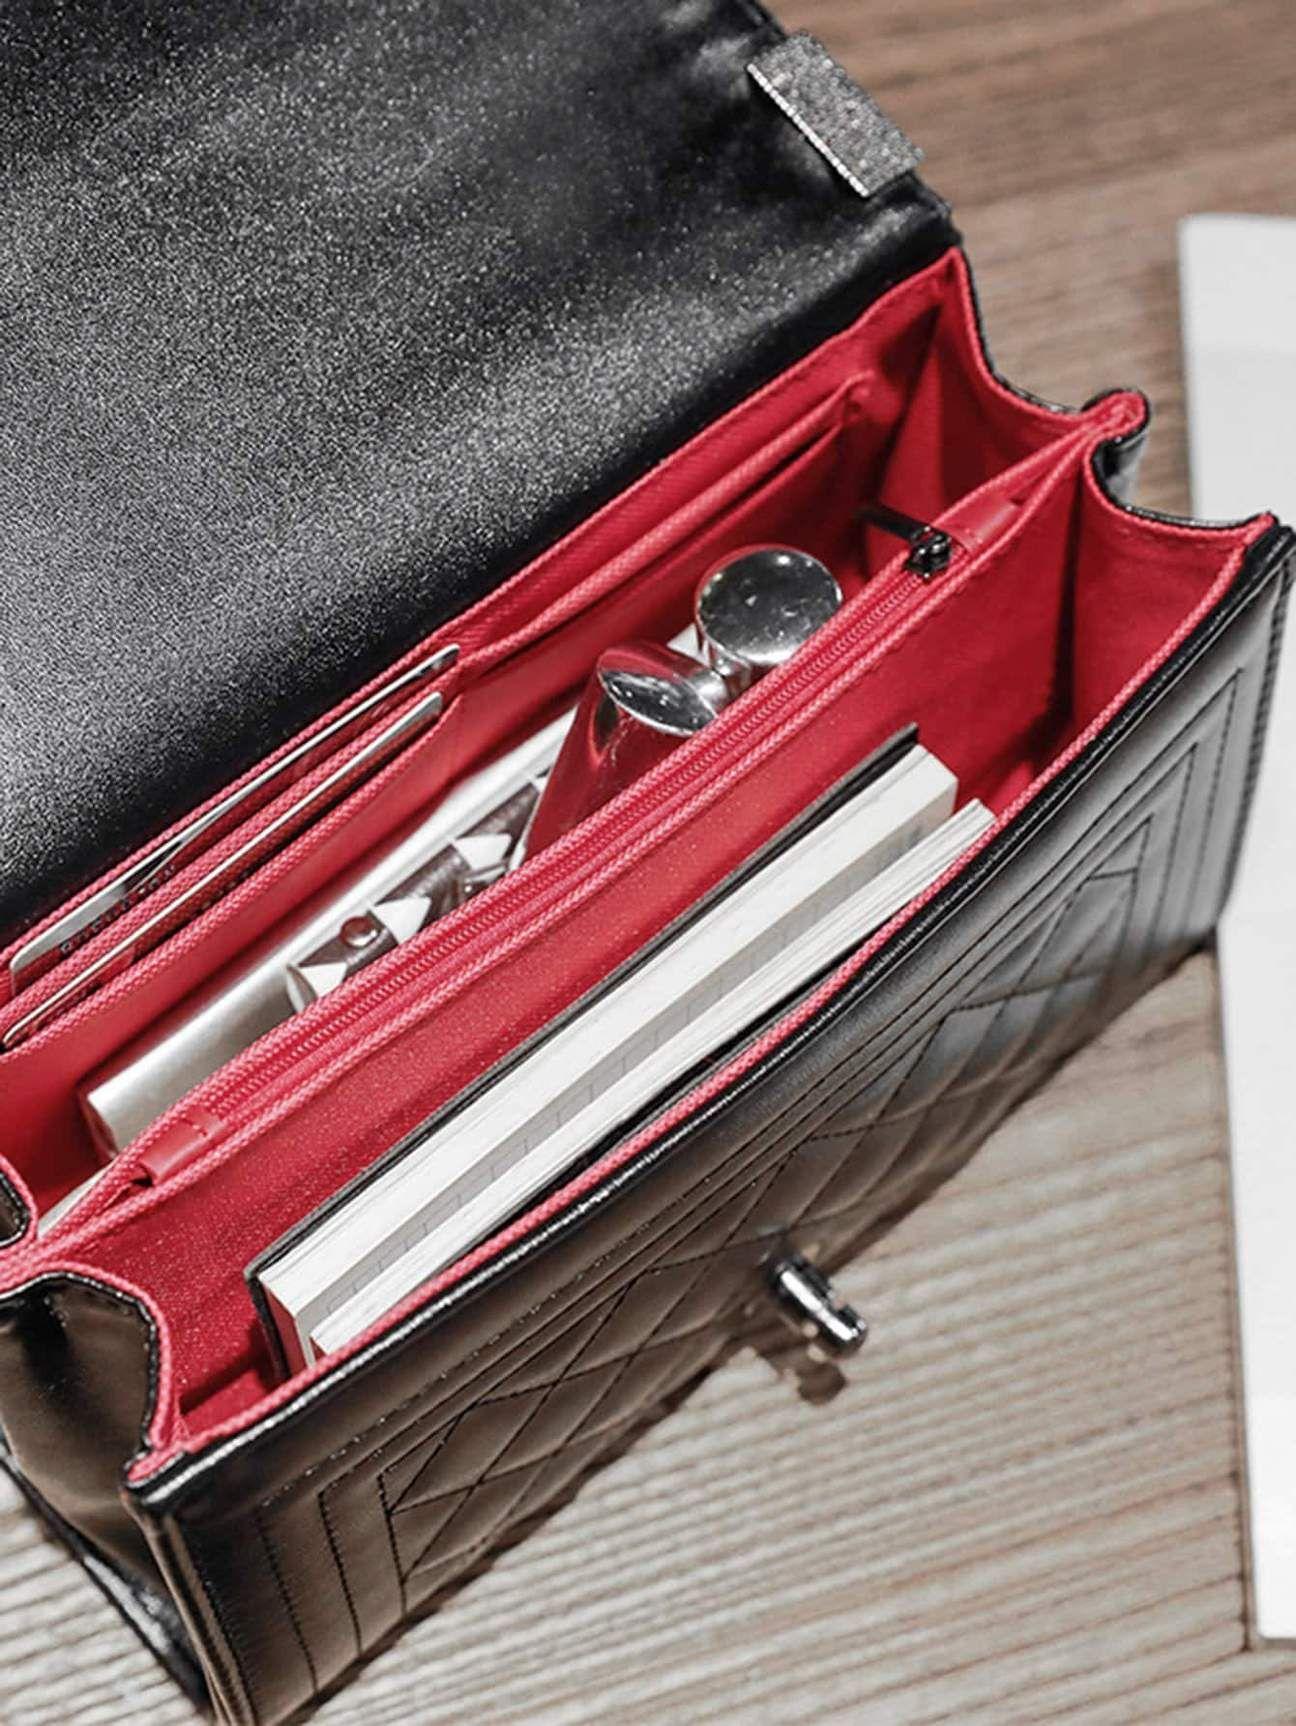 Material Pu Leder Farbe Schwarz Größe Klein Taschenlänge Cm 23 Cm Taschenbreite Cm 10 Cm Taschenhöhe Cm 15 Cm Bandlänge Flap Bag Luxury Bags Bags